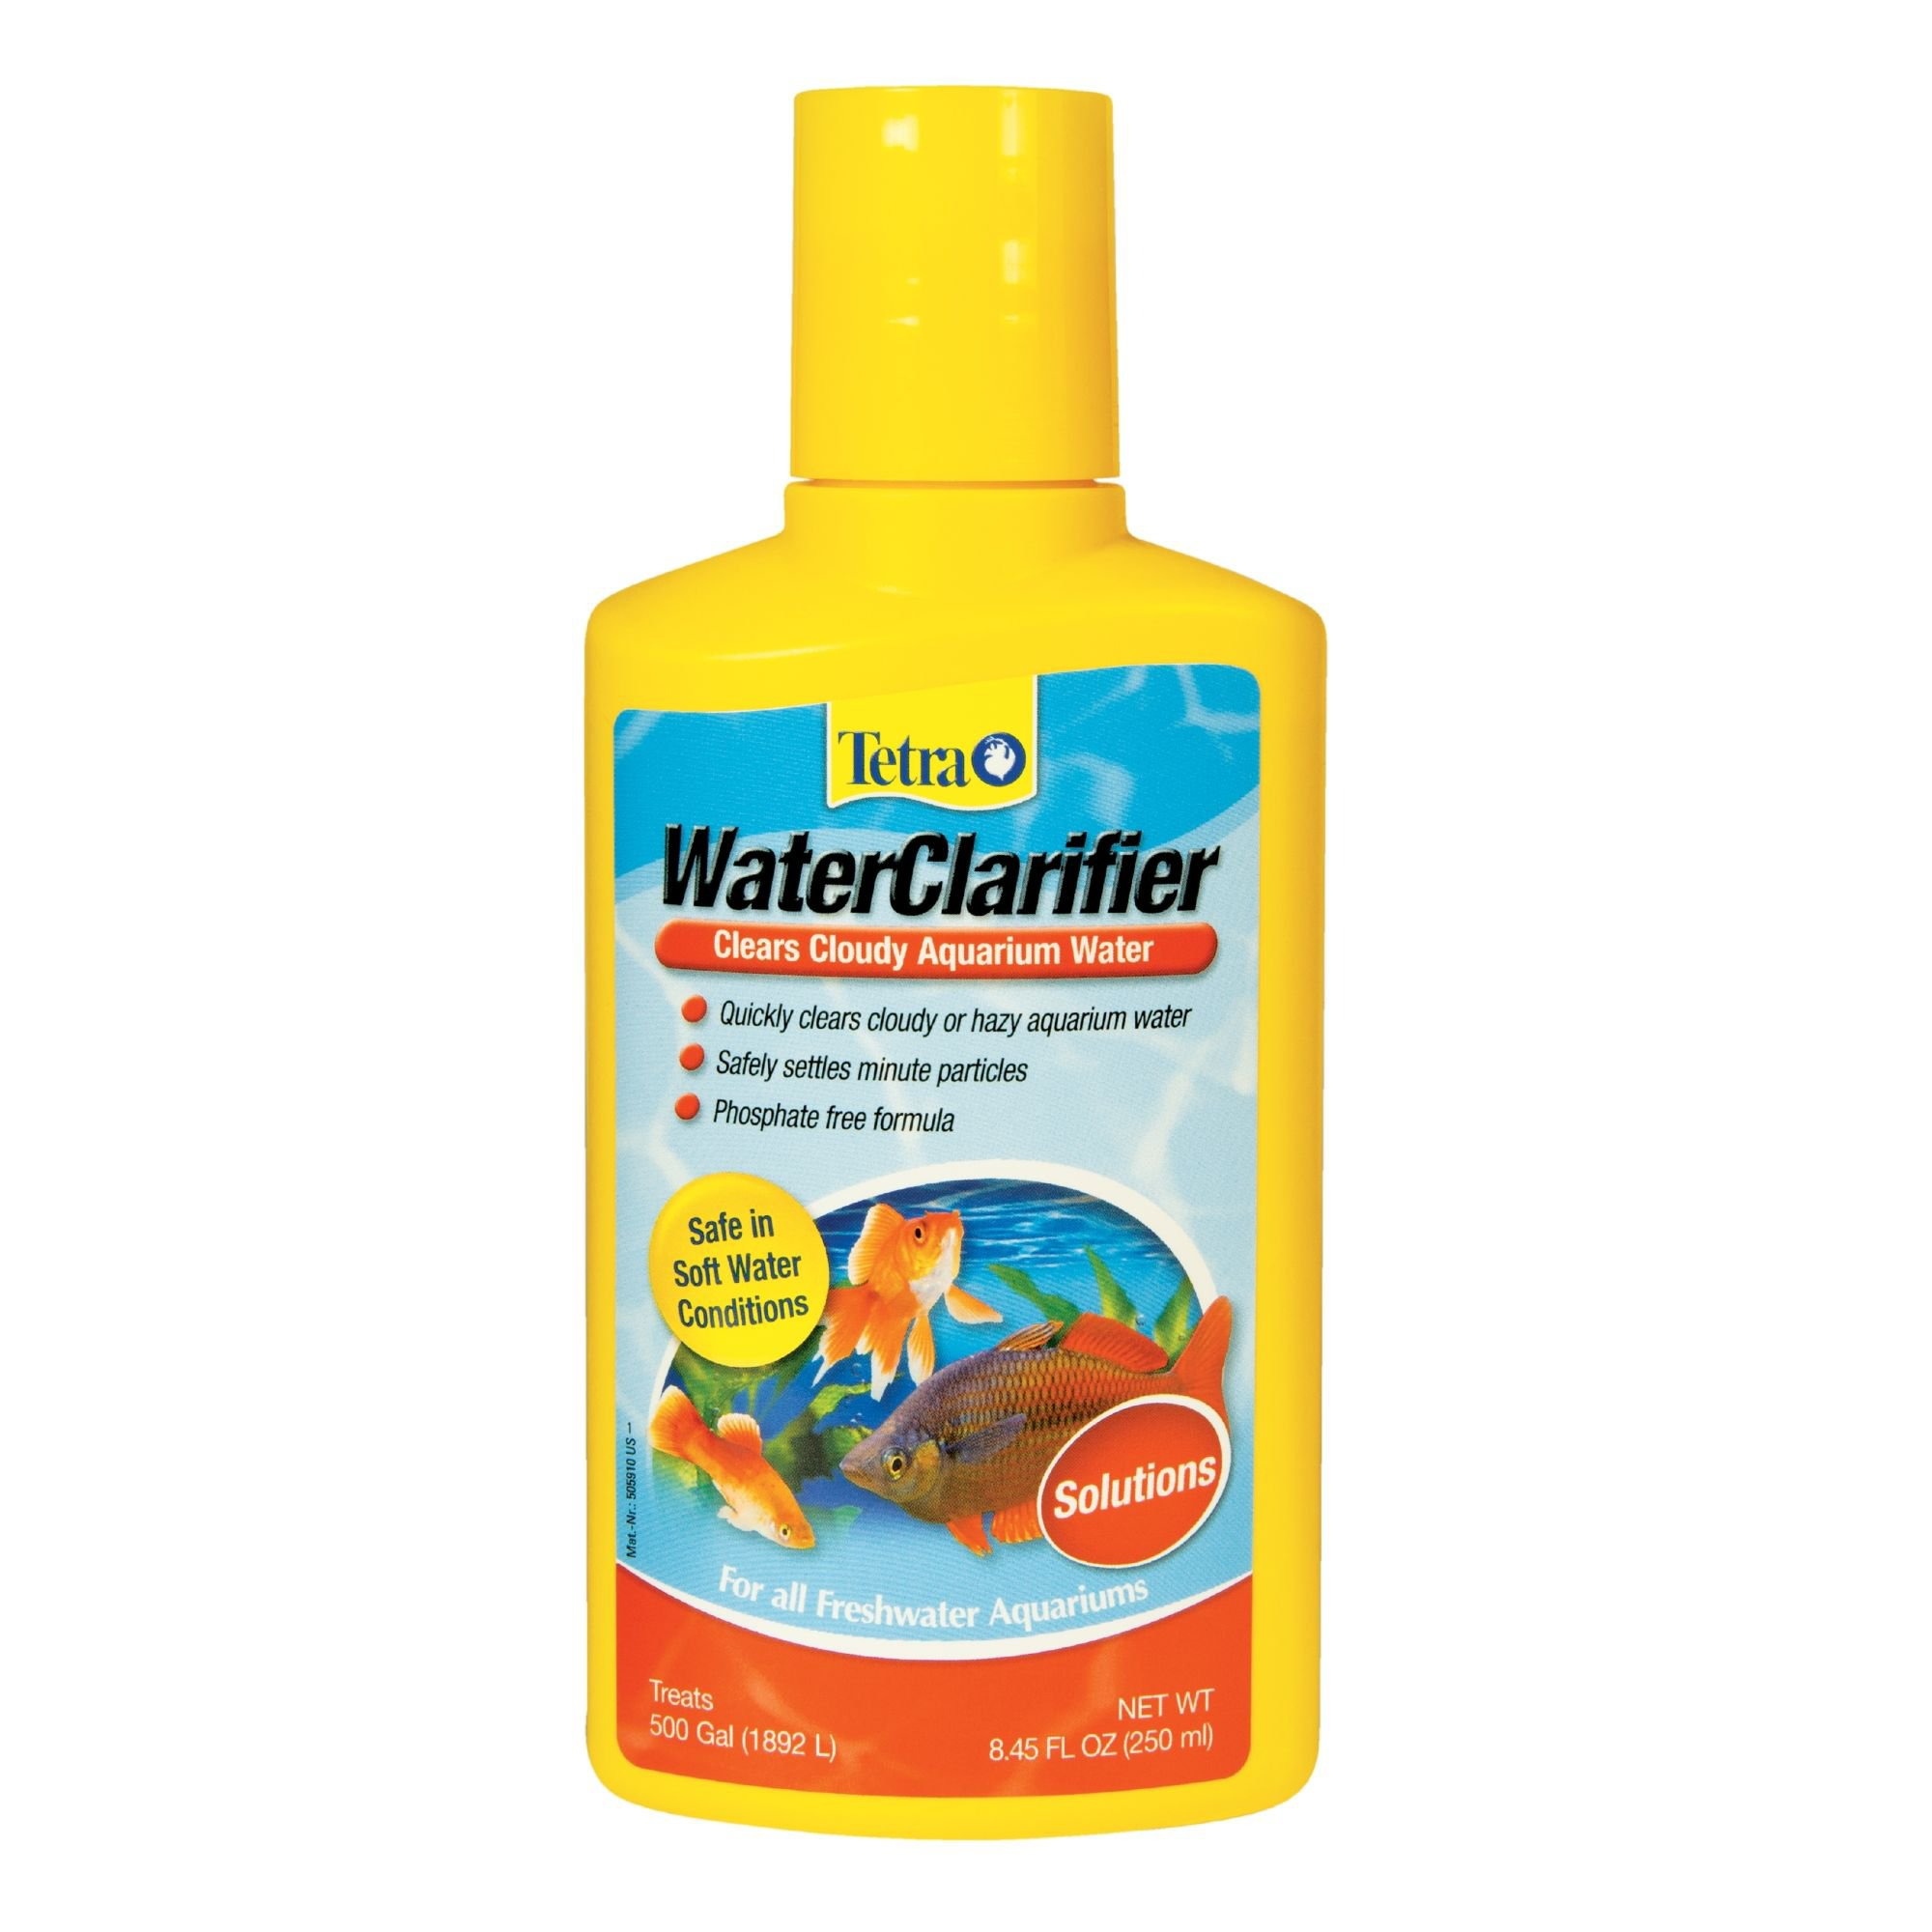 TetraAqua Water Clarifier